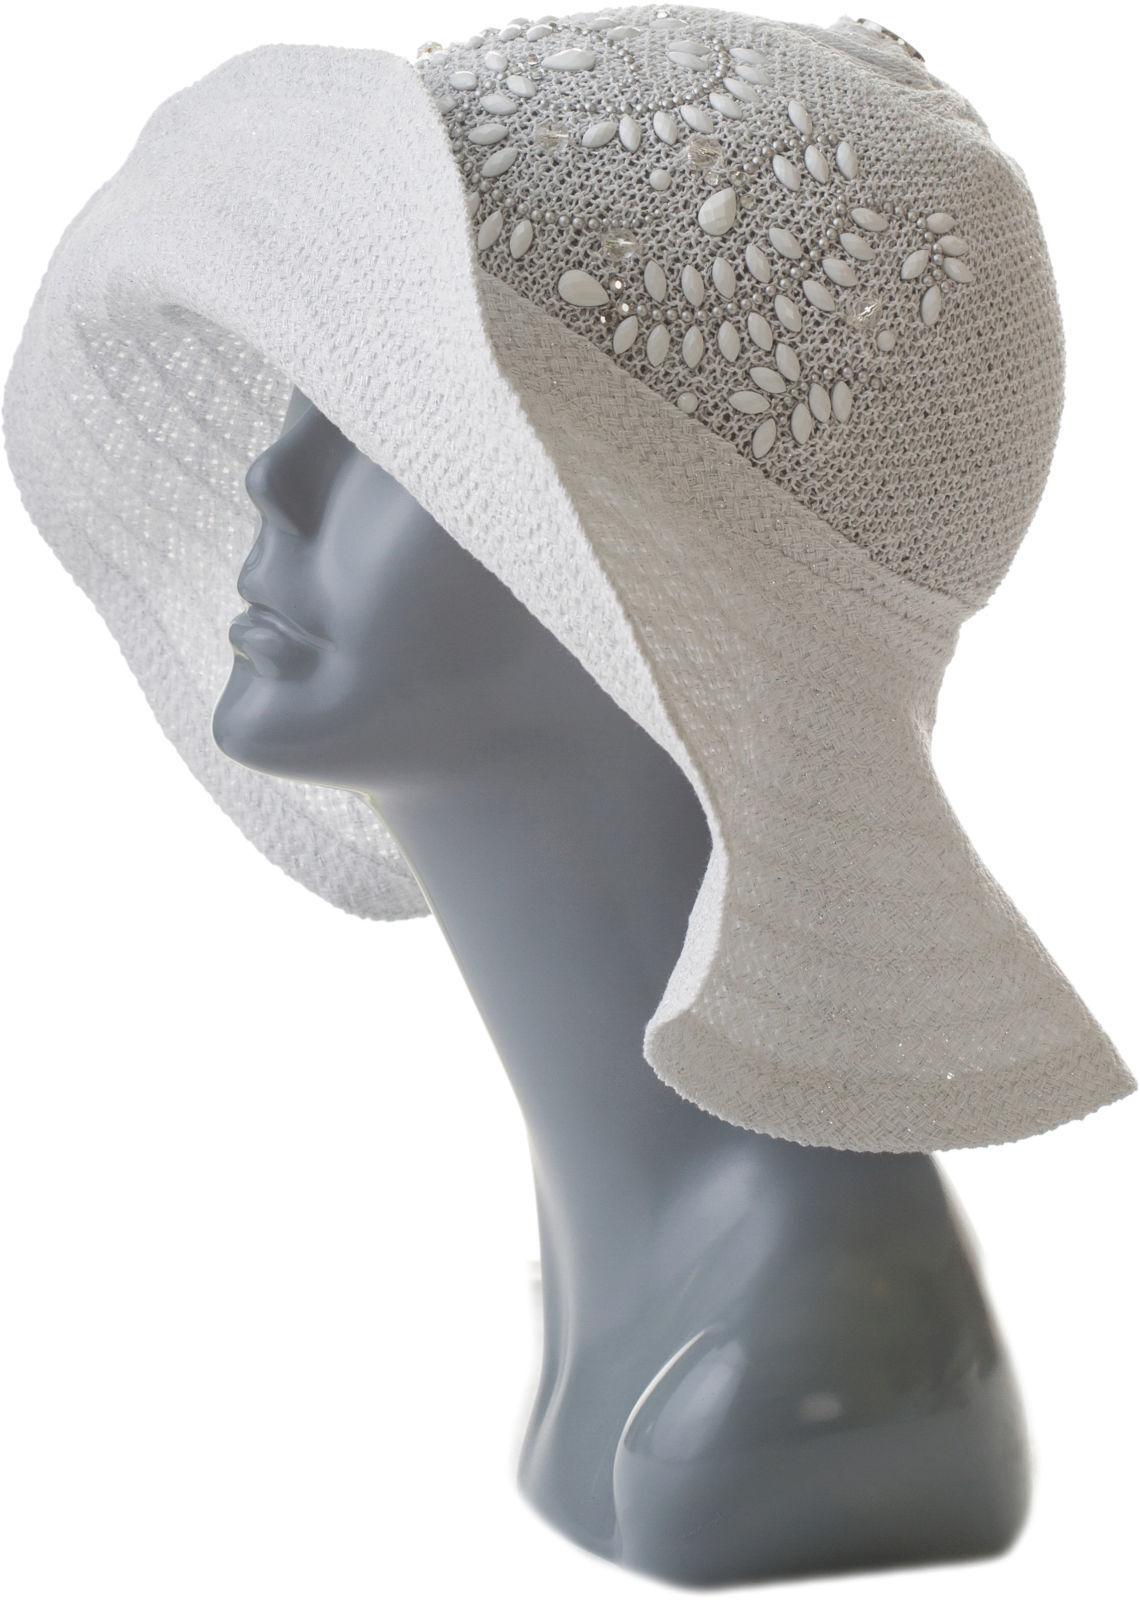 Шляпа женская белая с камнями